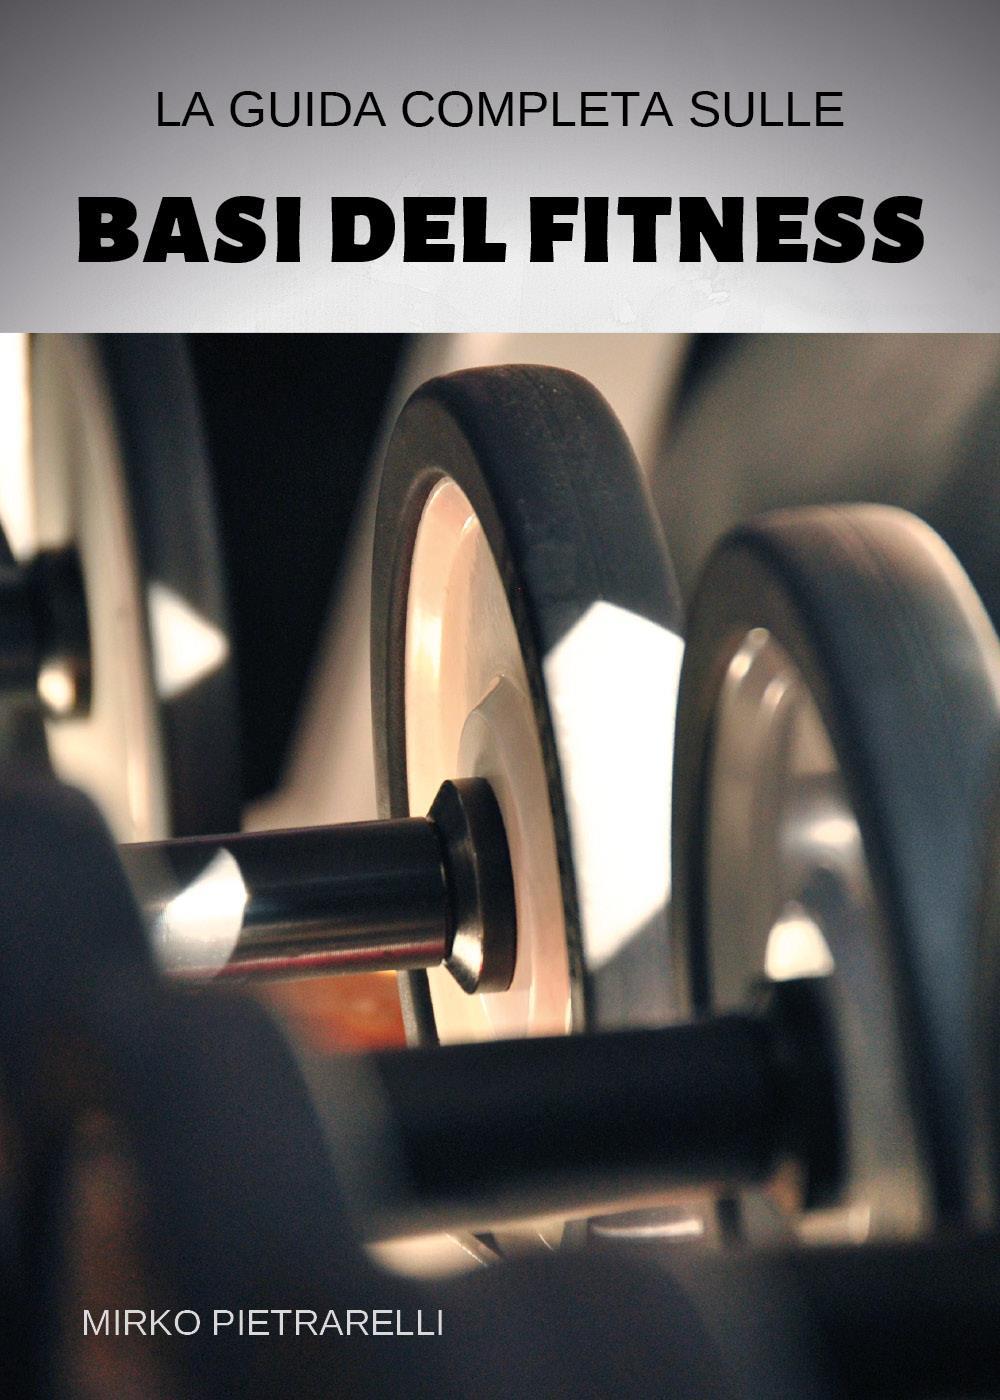 La guida completa sulle basi del fitness